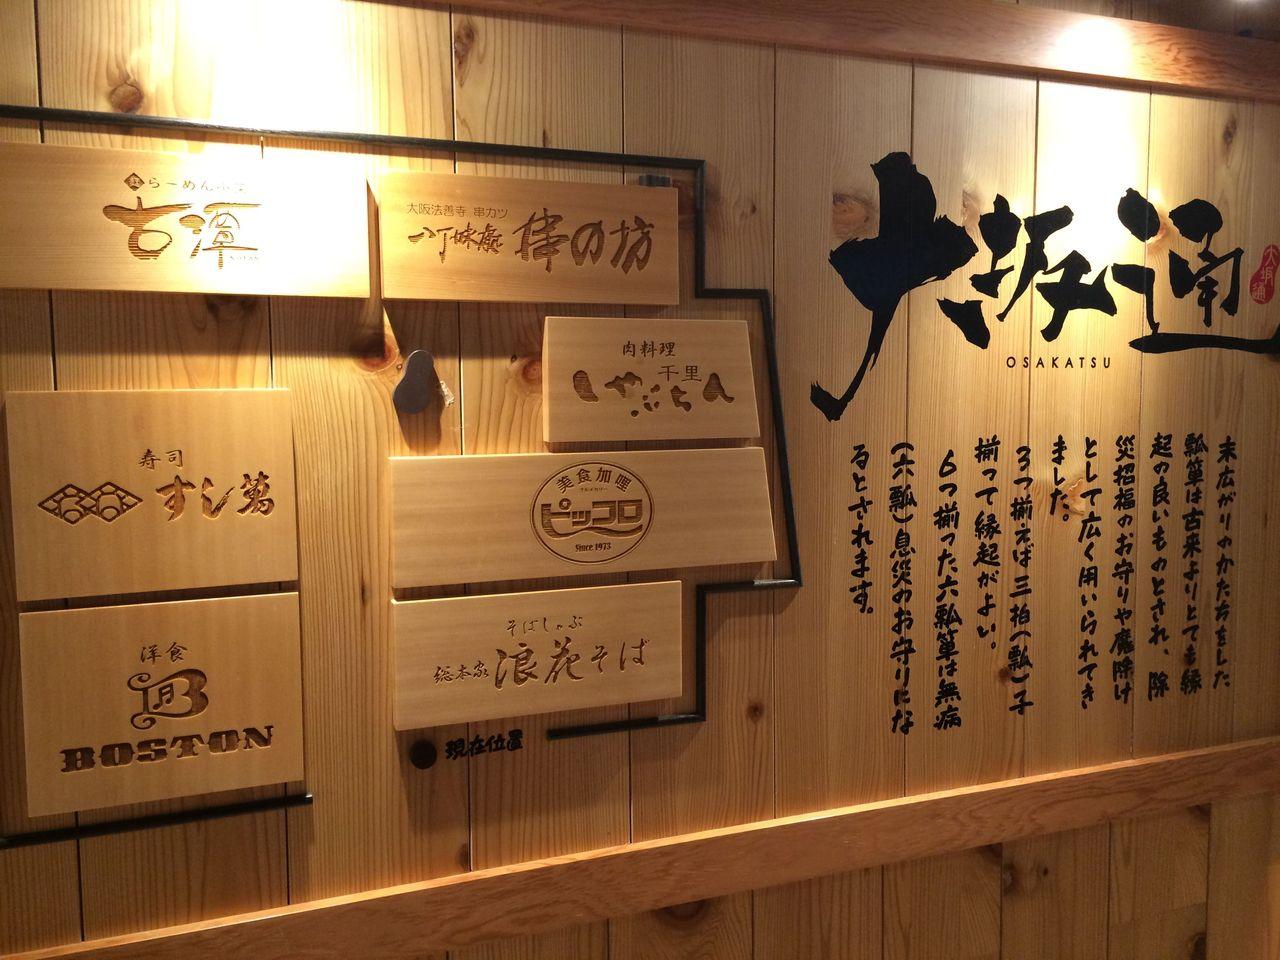 大坂通@abeno harukas dining